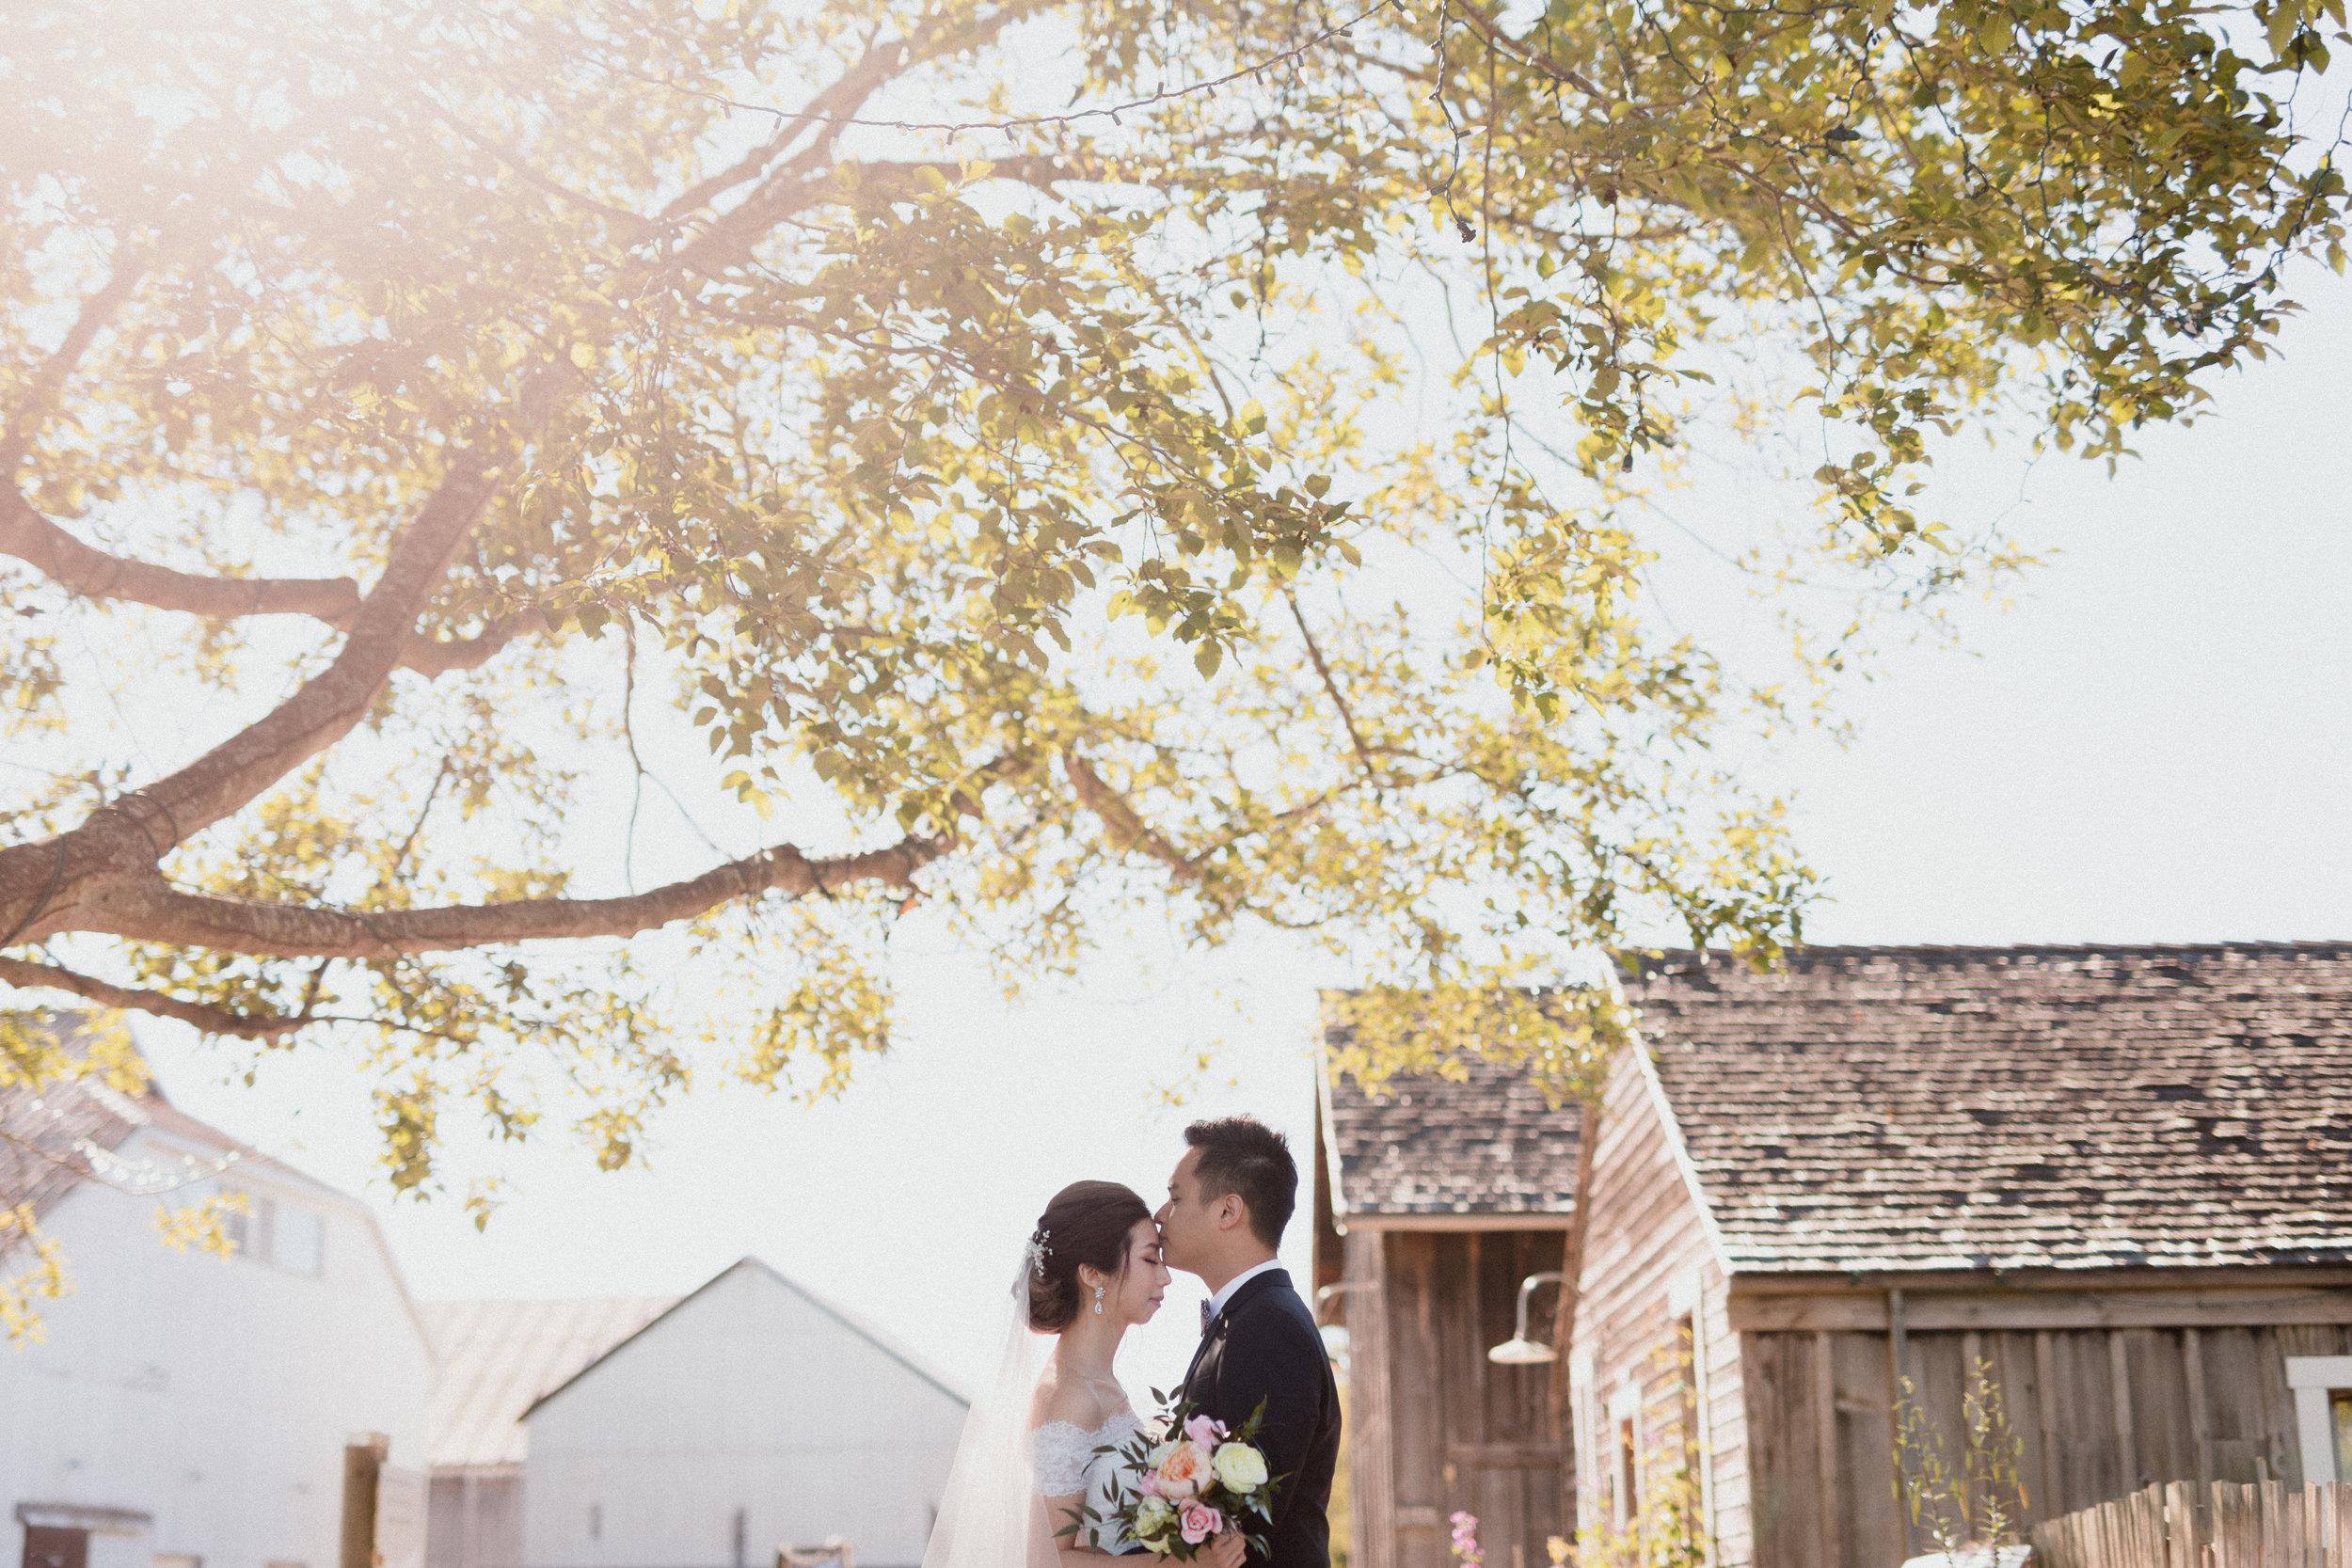 HeraStudios_Selects_Full_JennyKevin_Engagement-29.jpg